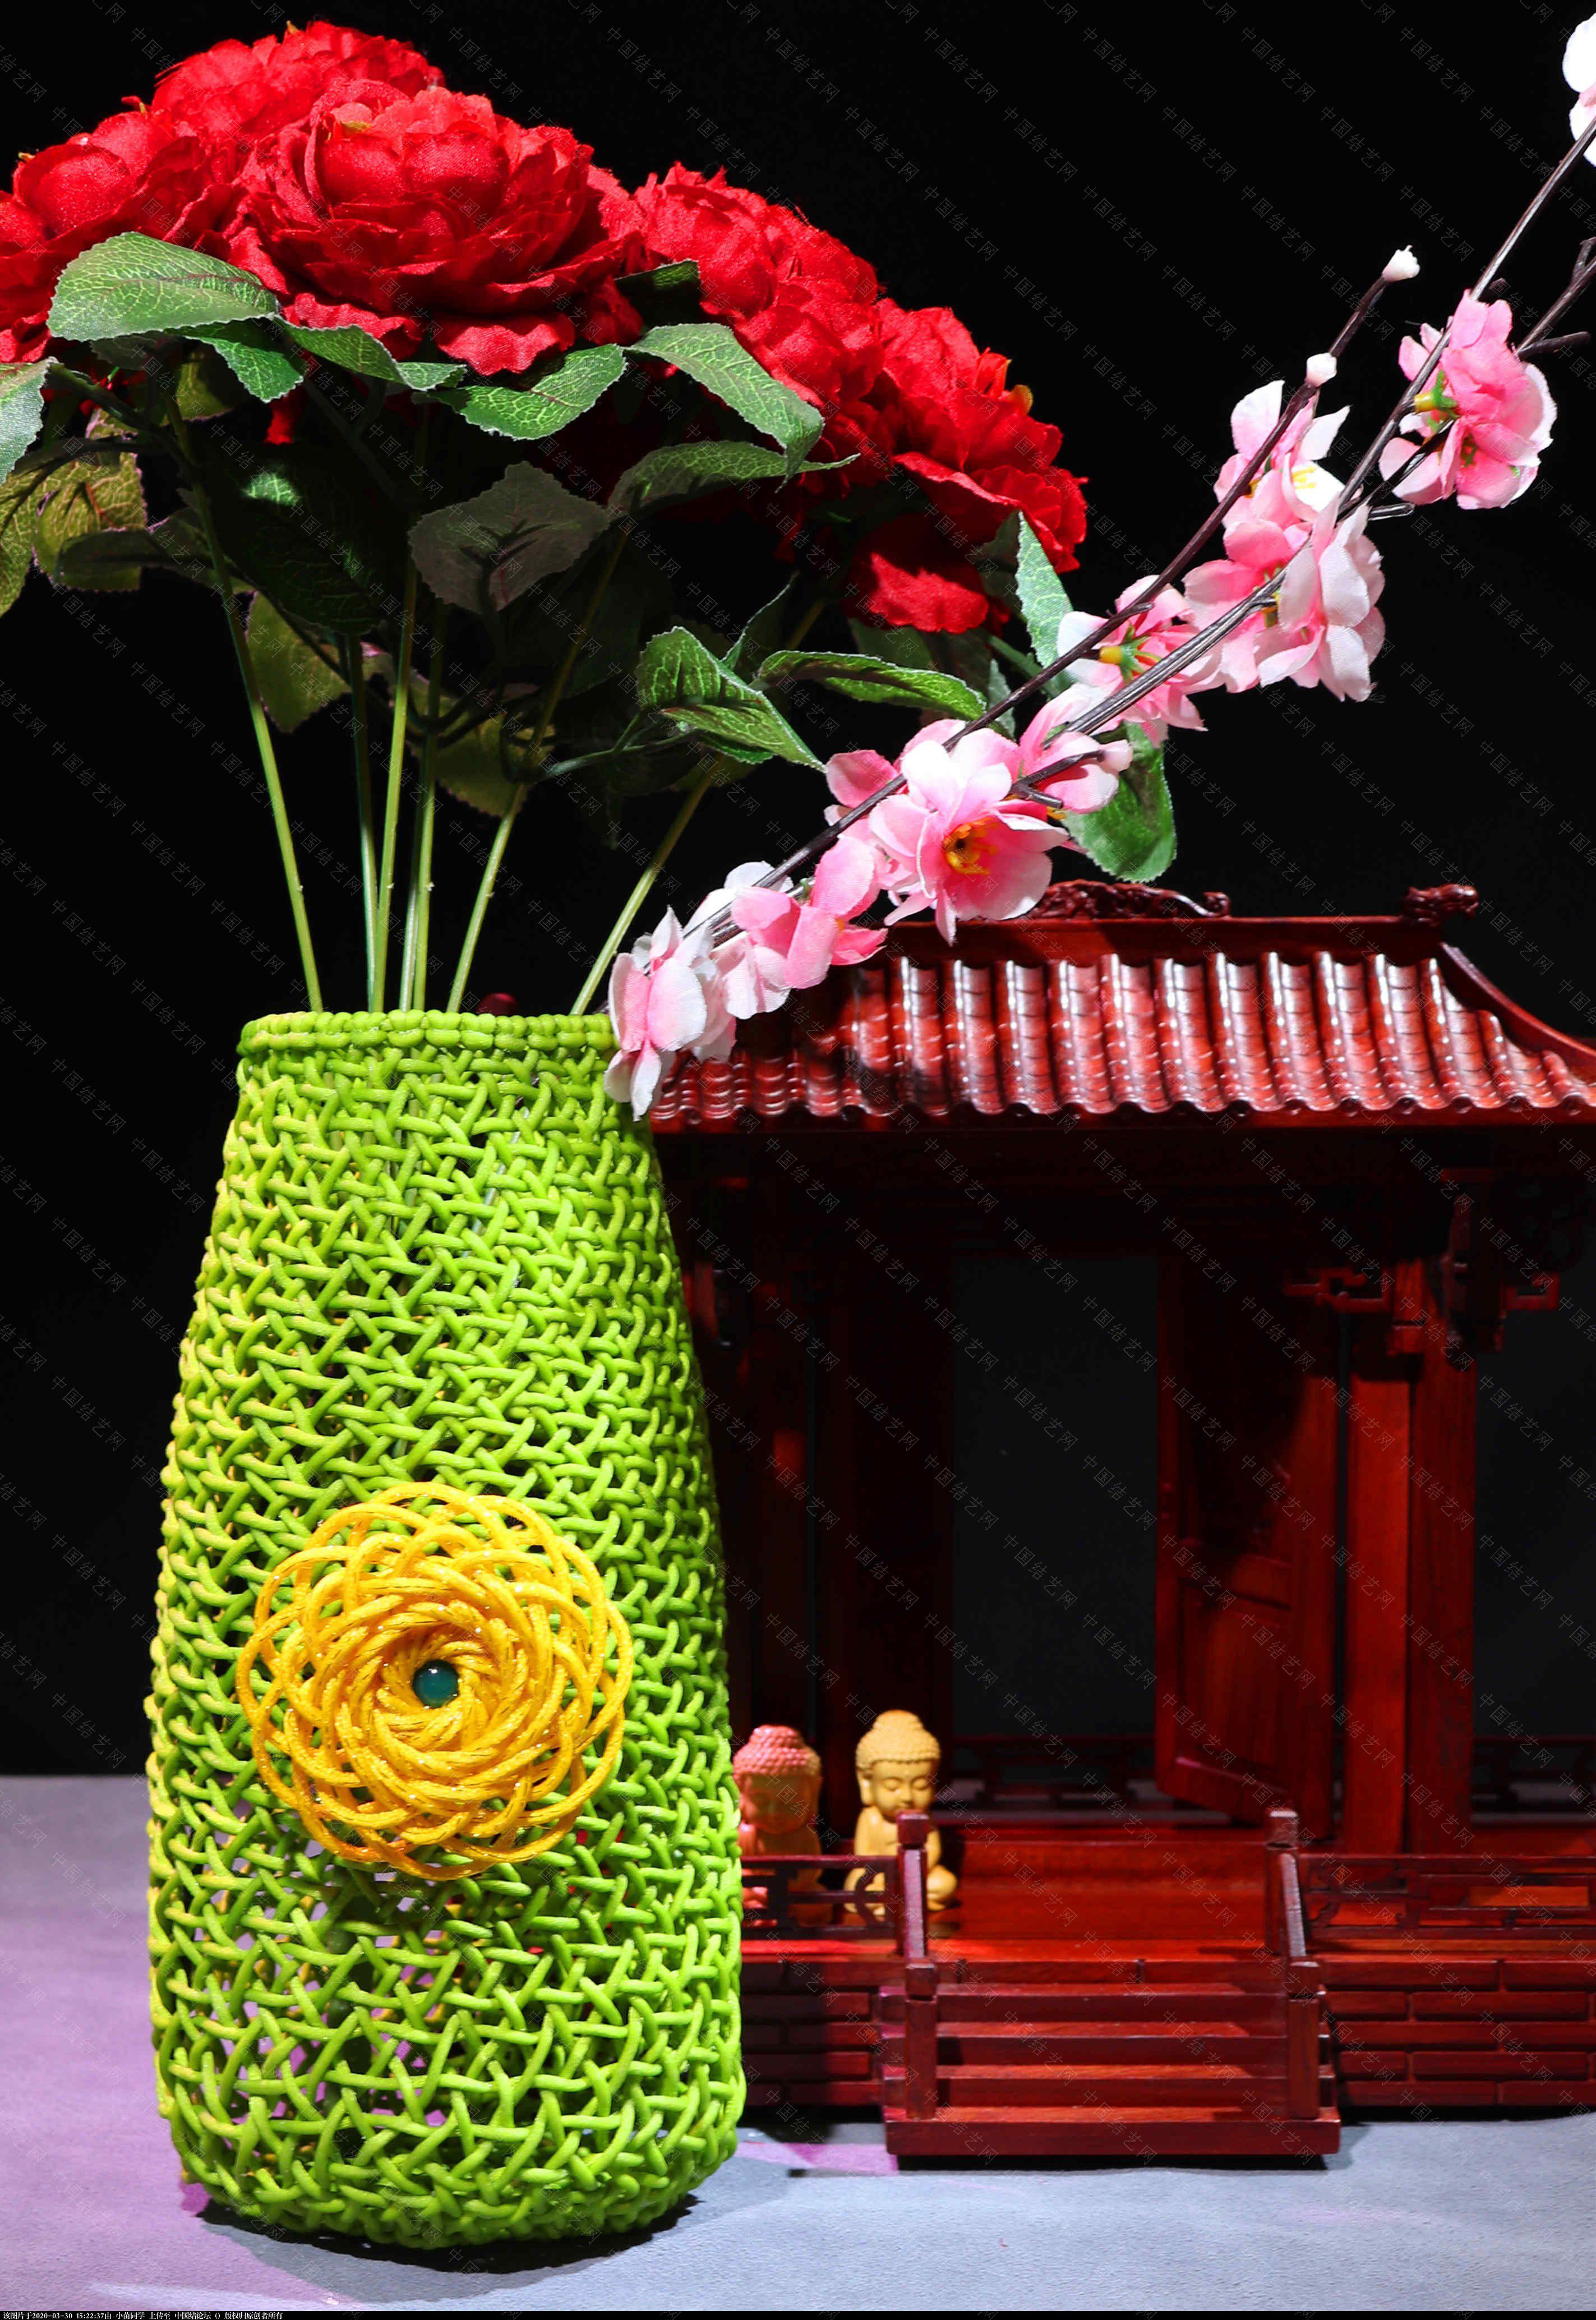 中国结论坛 花股结花瓶 花瓶,花瓶图案,大花瓶,花瓶姑娘,花瓶什么意思 作品展示 152225zftttgtesjyx15aw